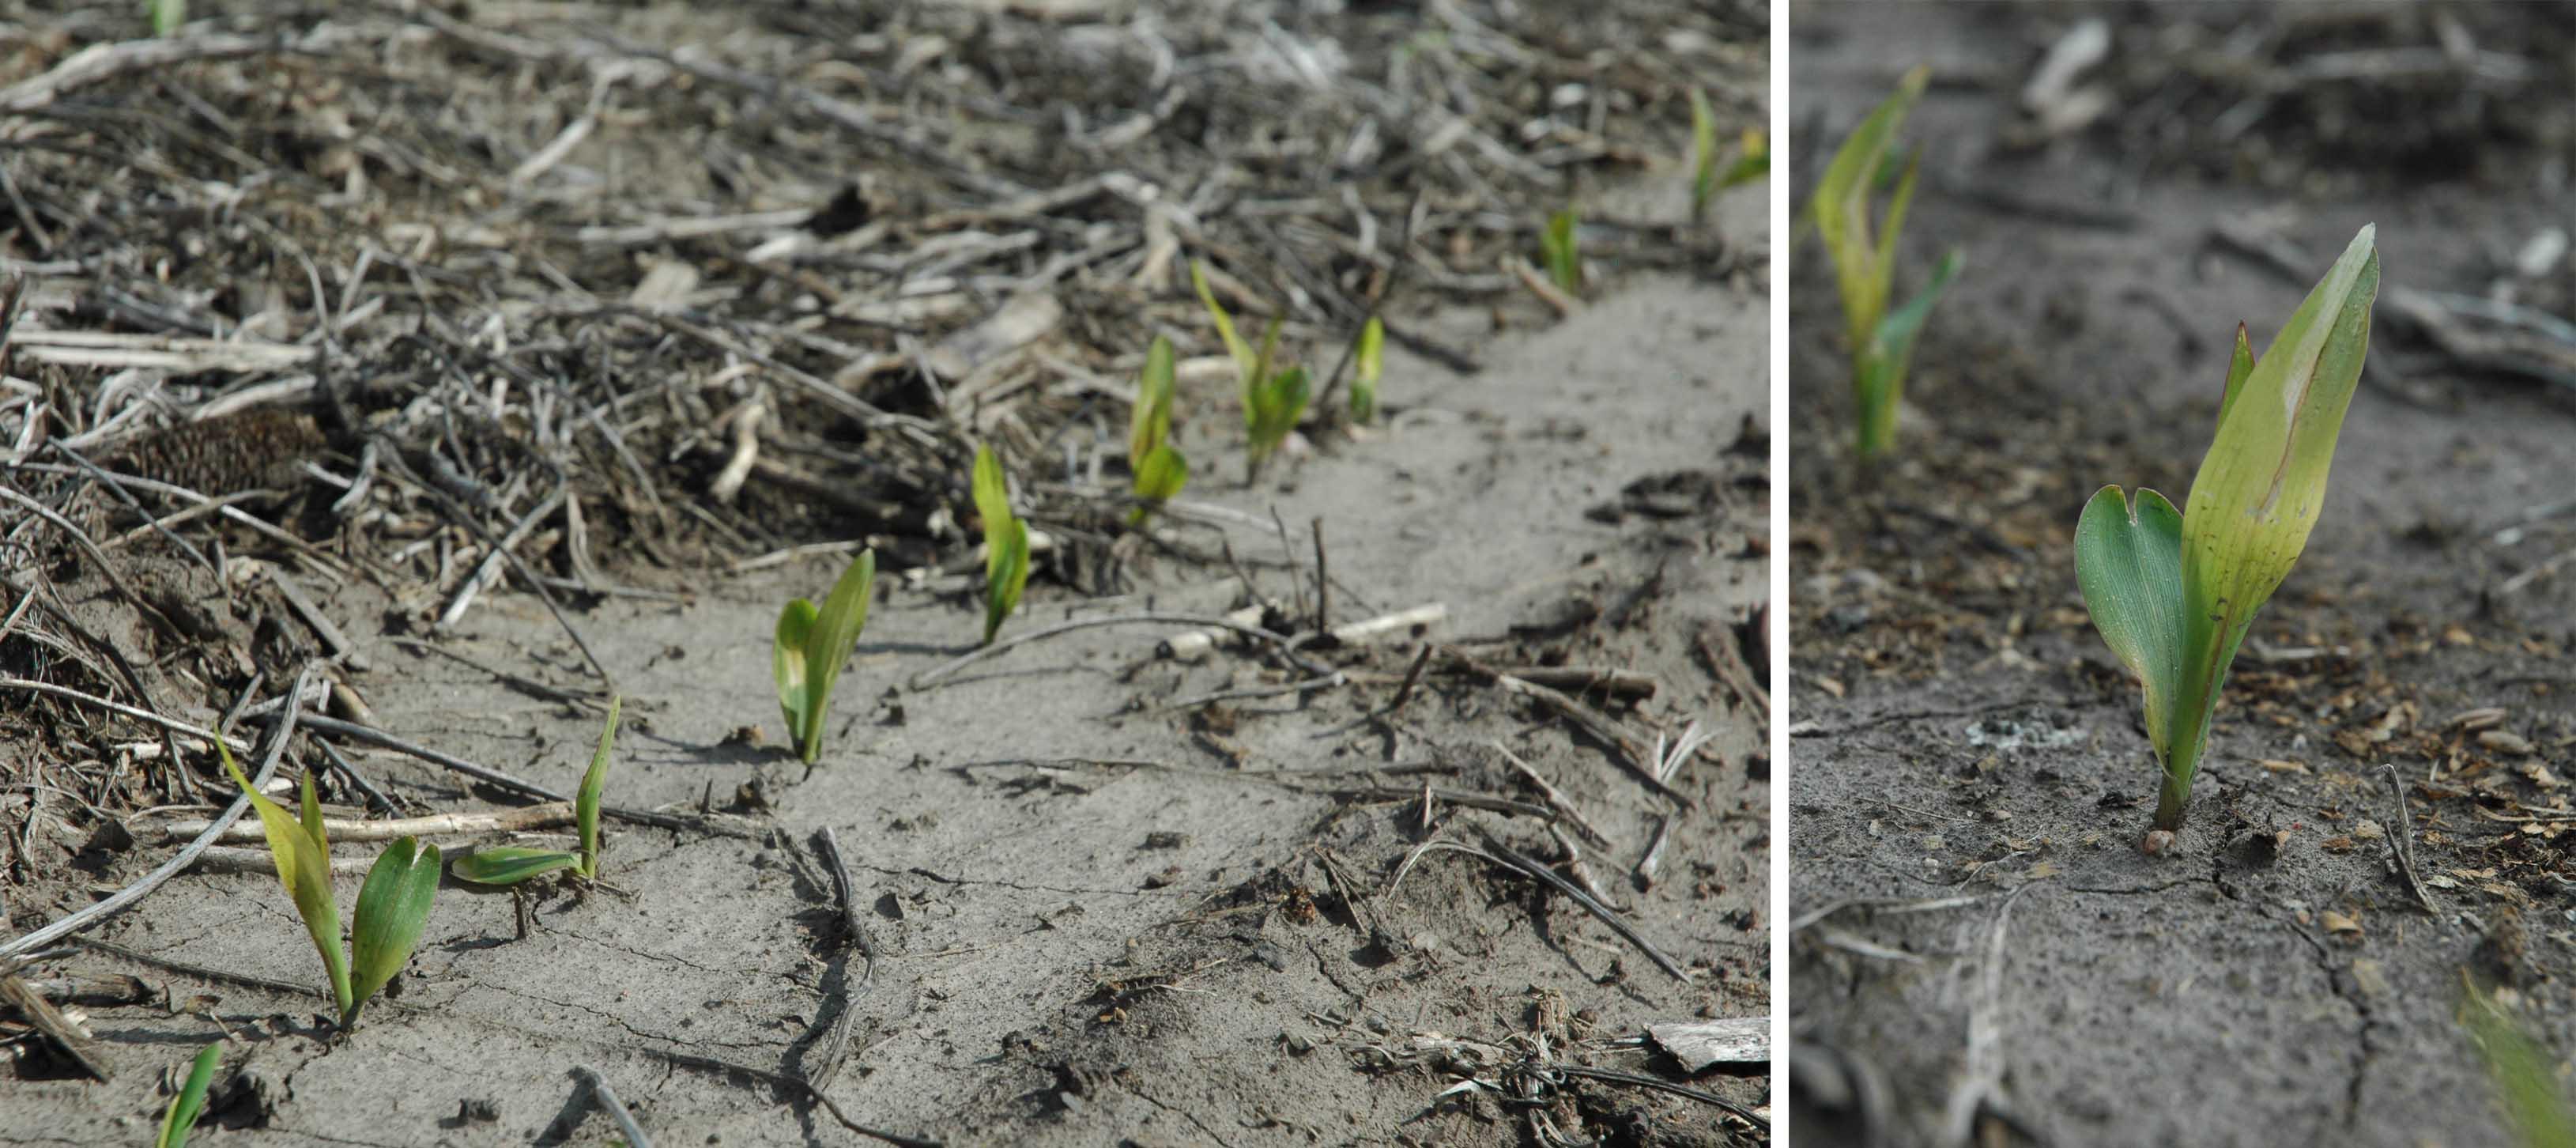 Corn seedlings